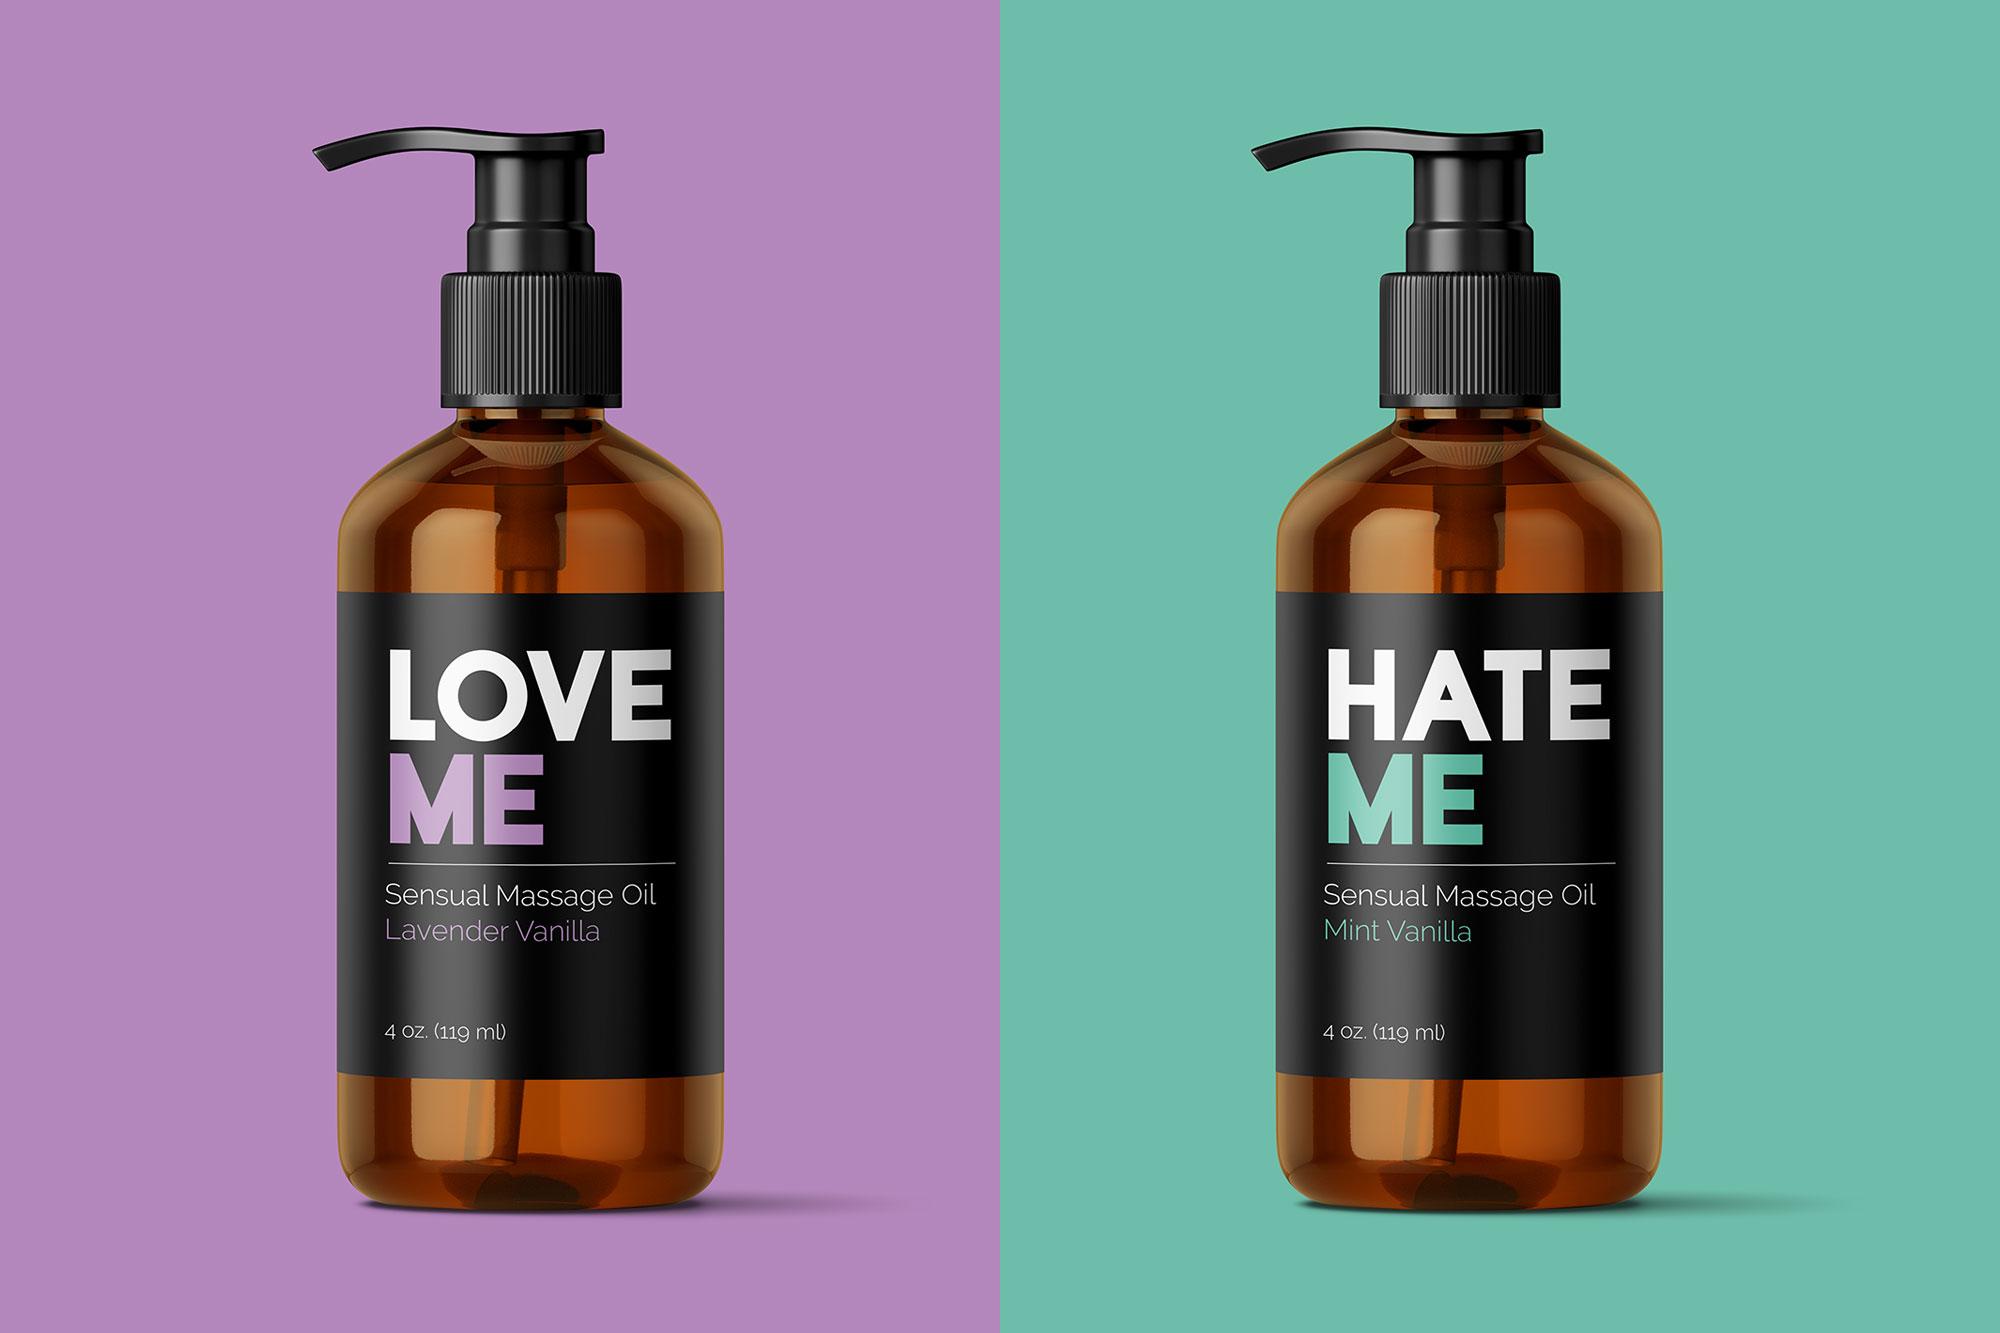 Love Me Hate Me Packaging Image